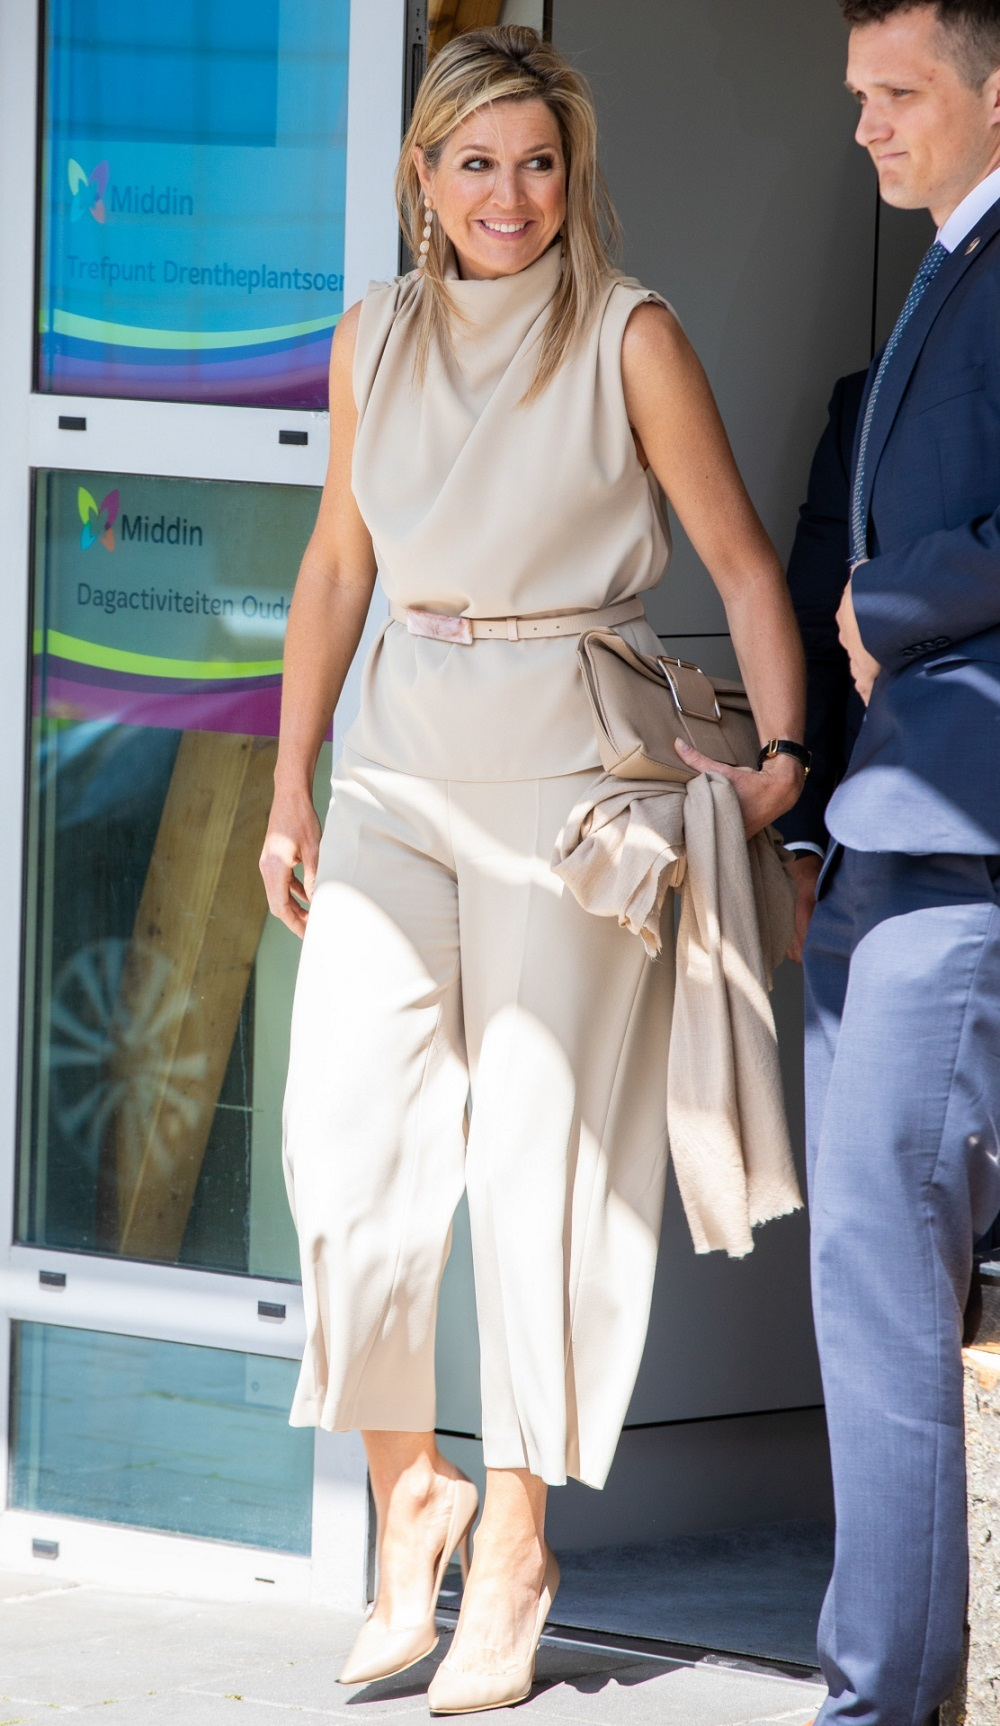 La reina Máxima con pantalón culotte y salones.